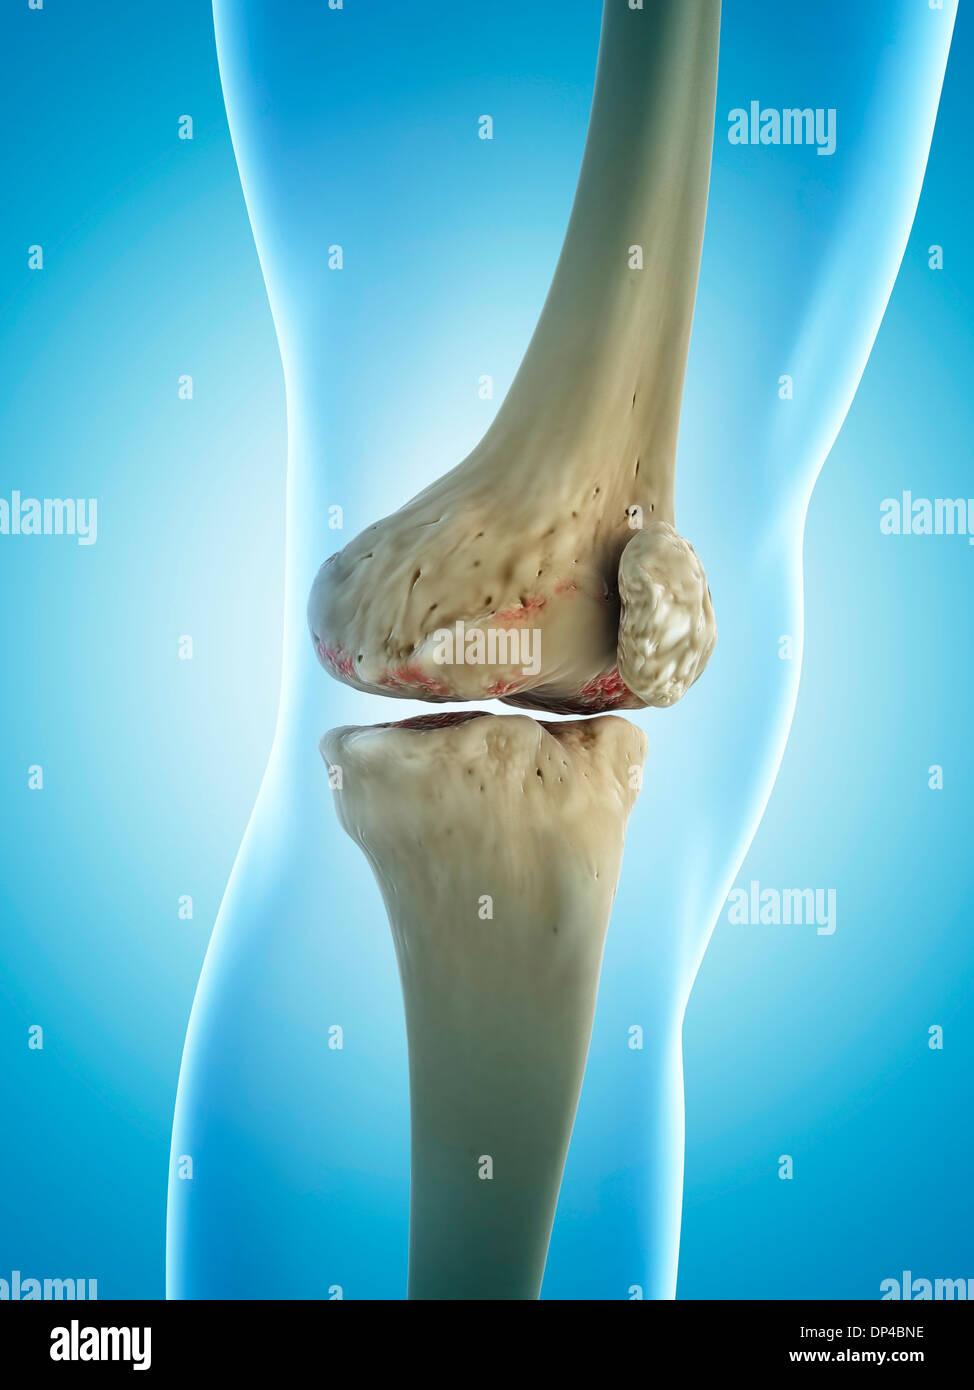 Arthritic Knee Joint Stockfotos & Arthritic Knee Joint Bilder - Alamy